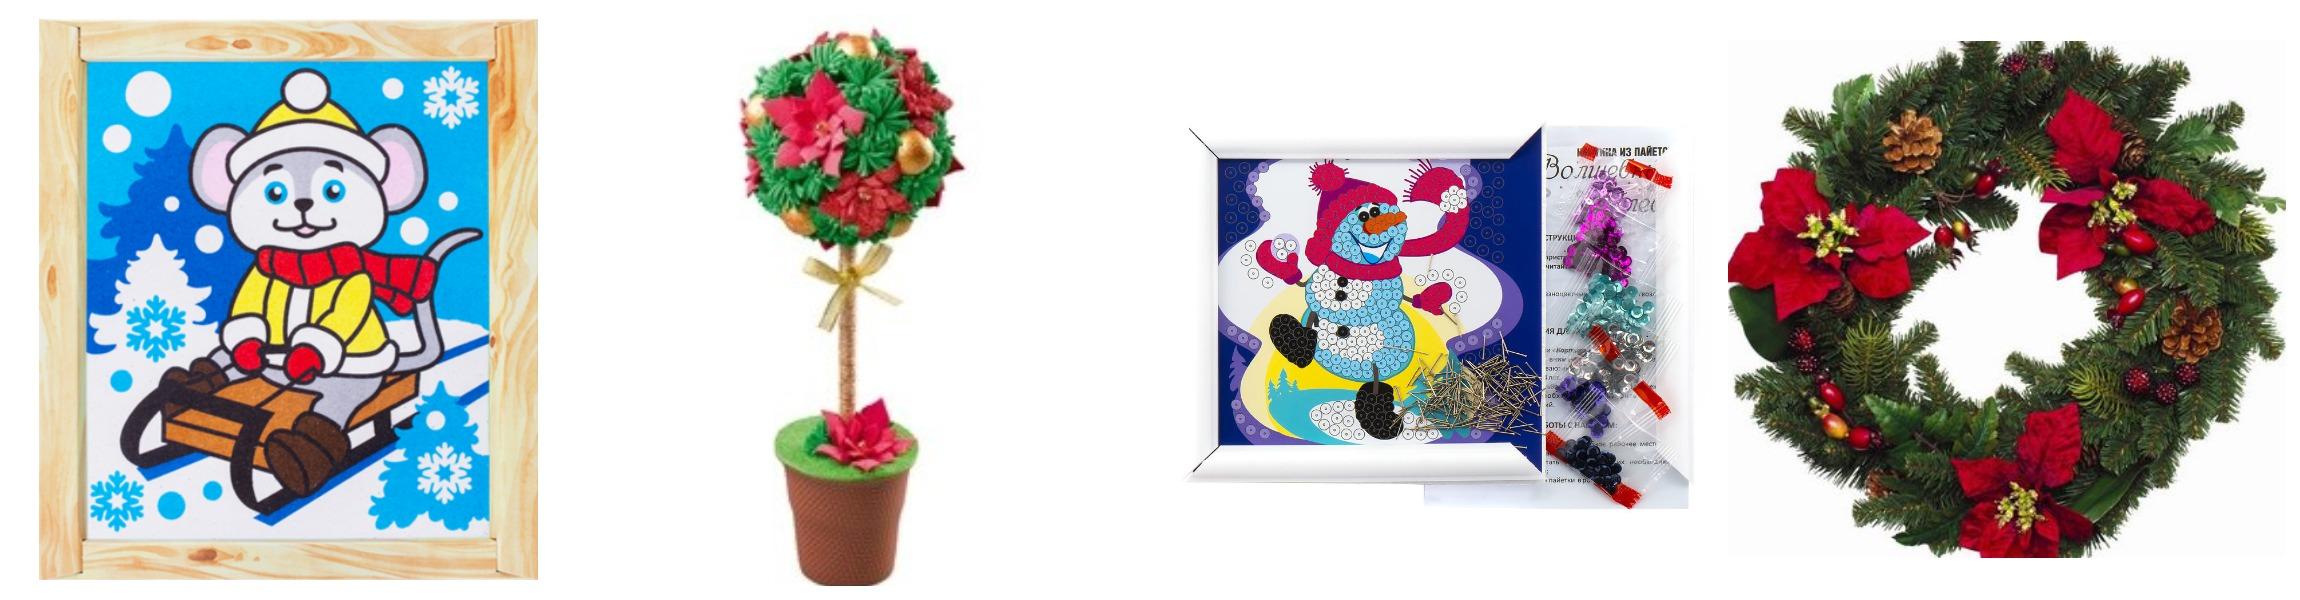 новогодние наборы для творчества украшения на новый год2020